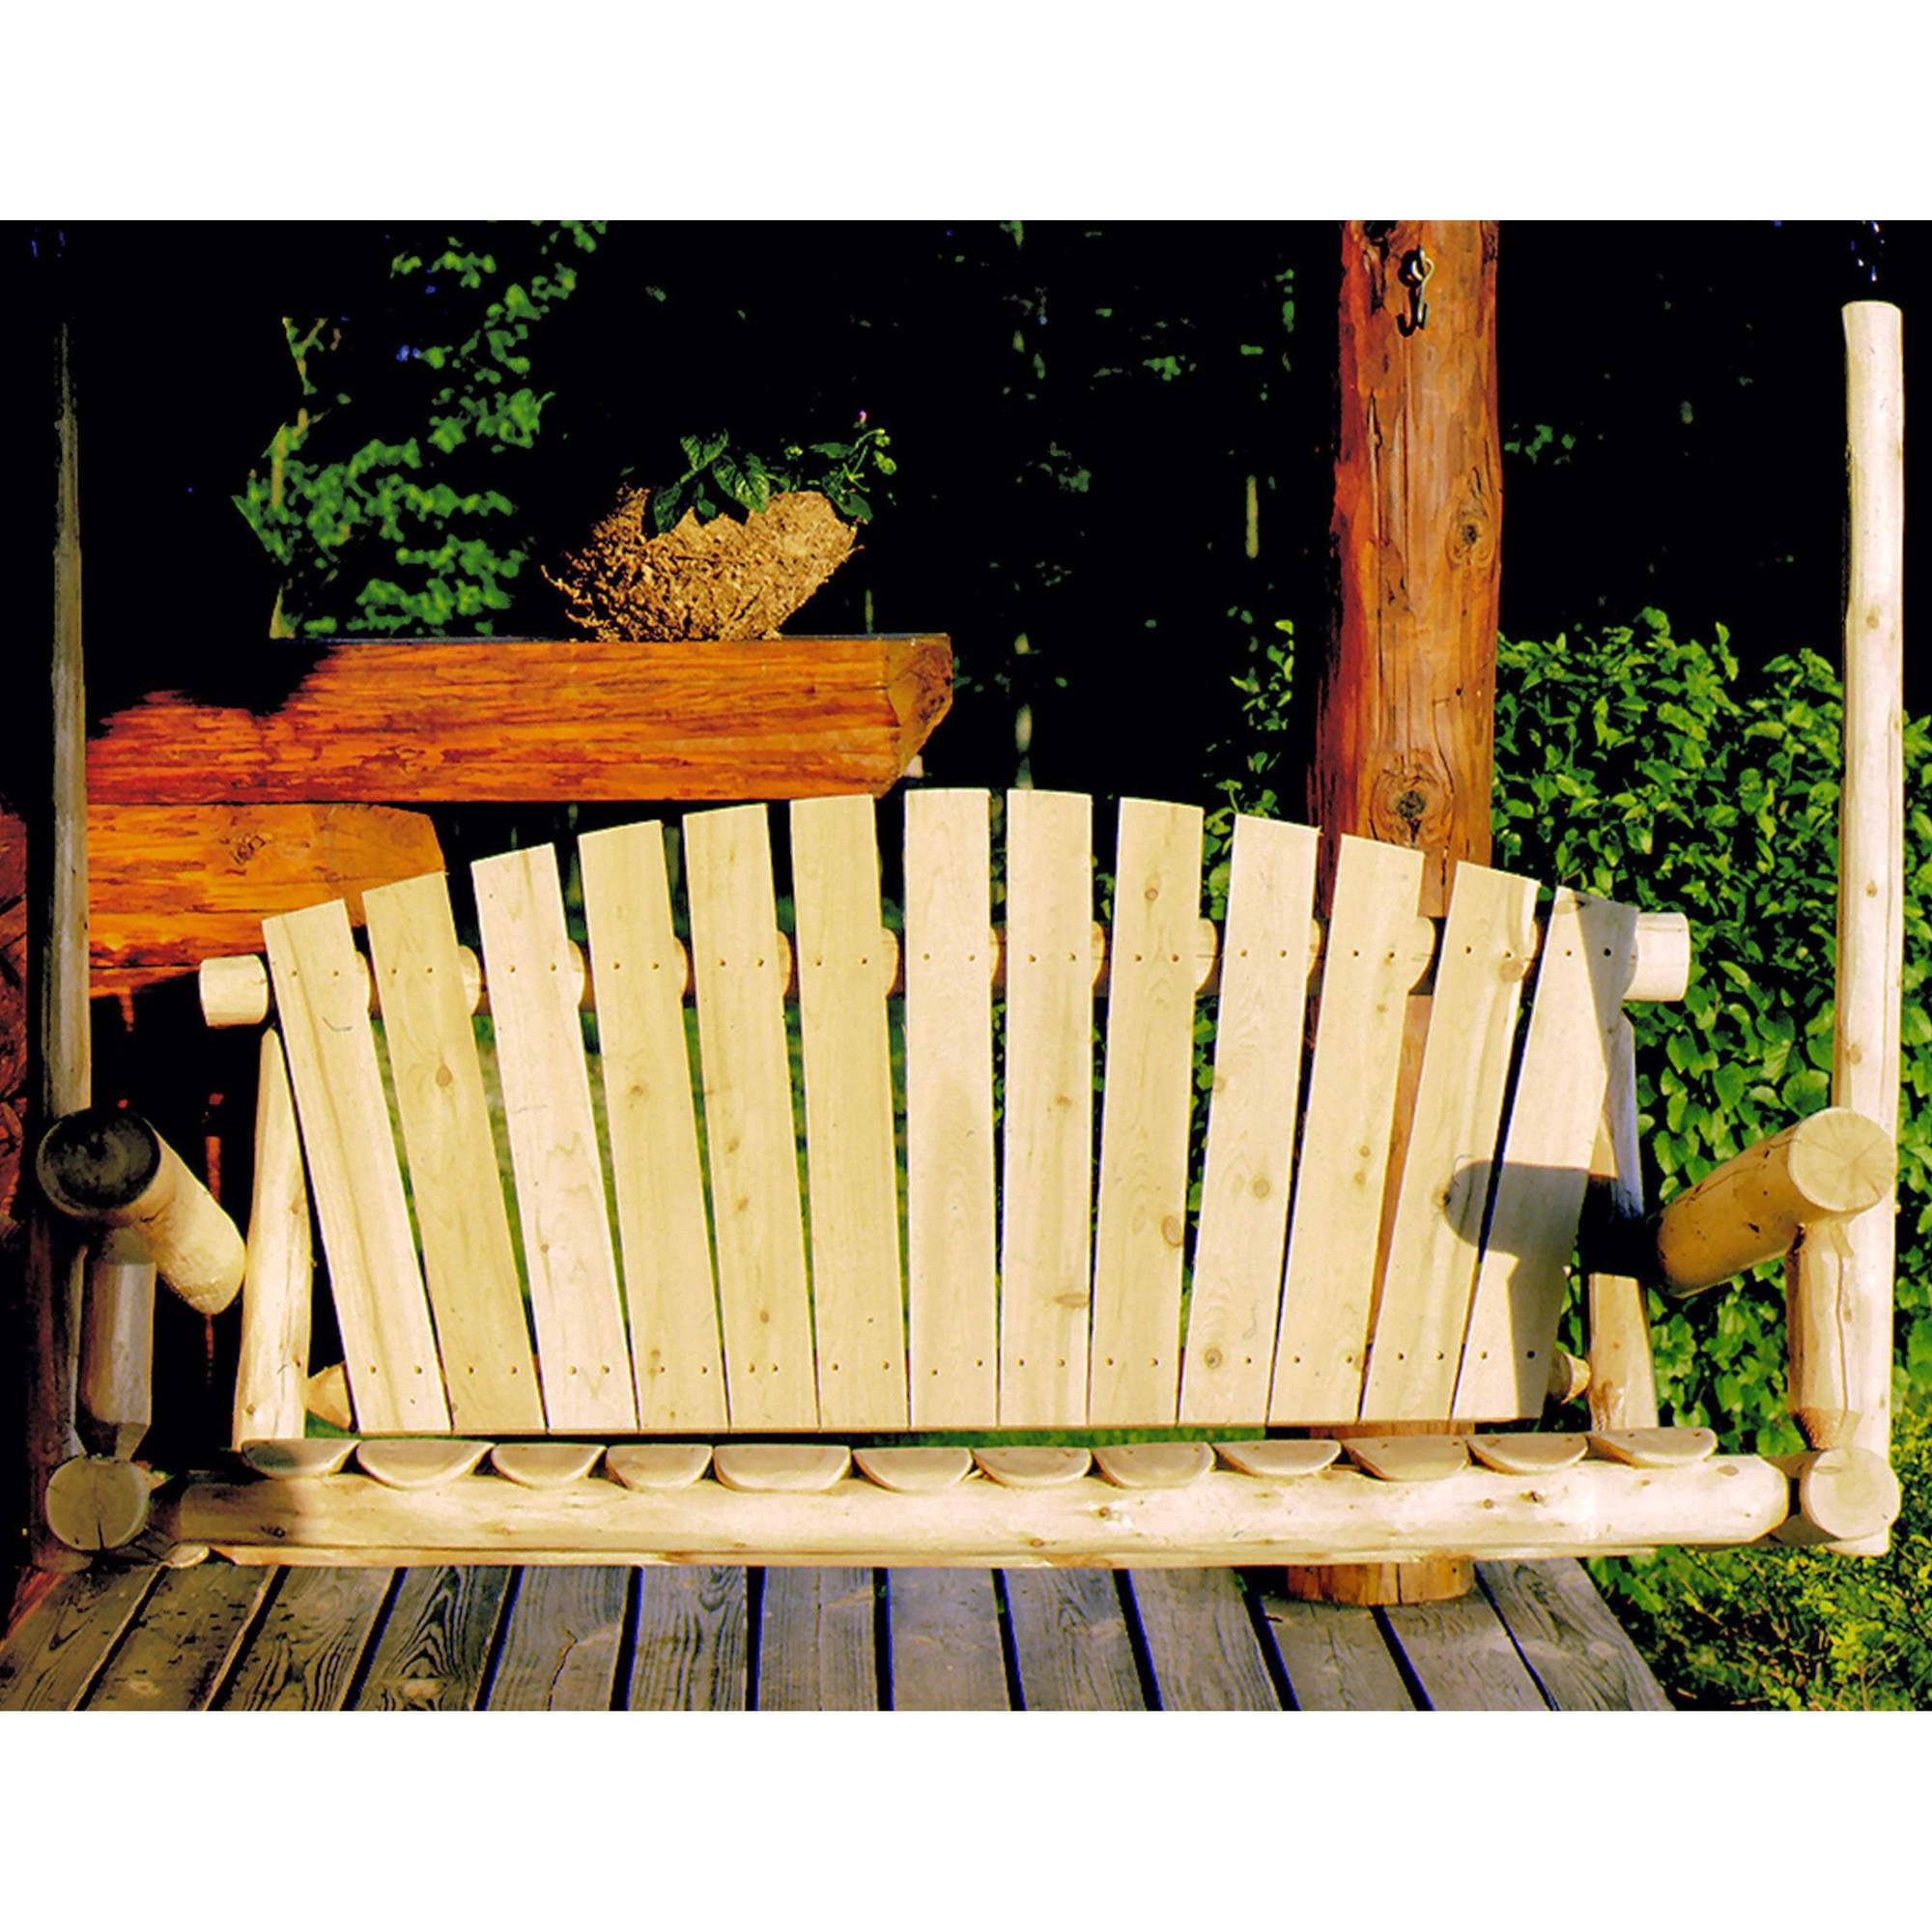 Lakeland Mills 4' Porch Swing